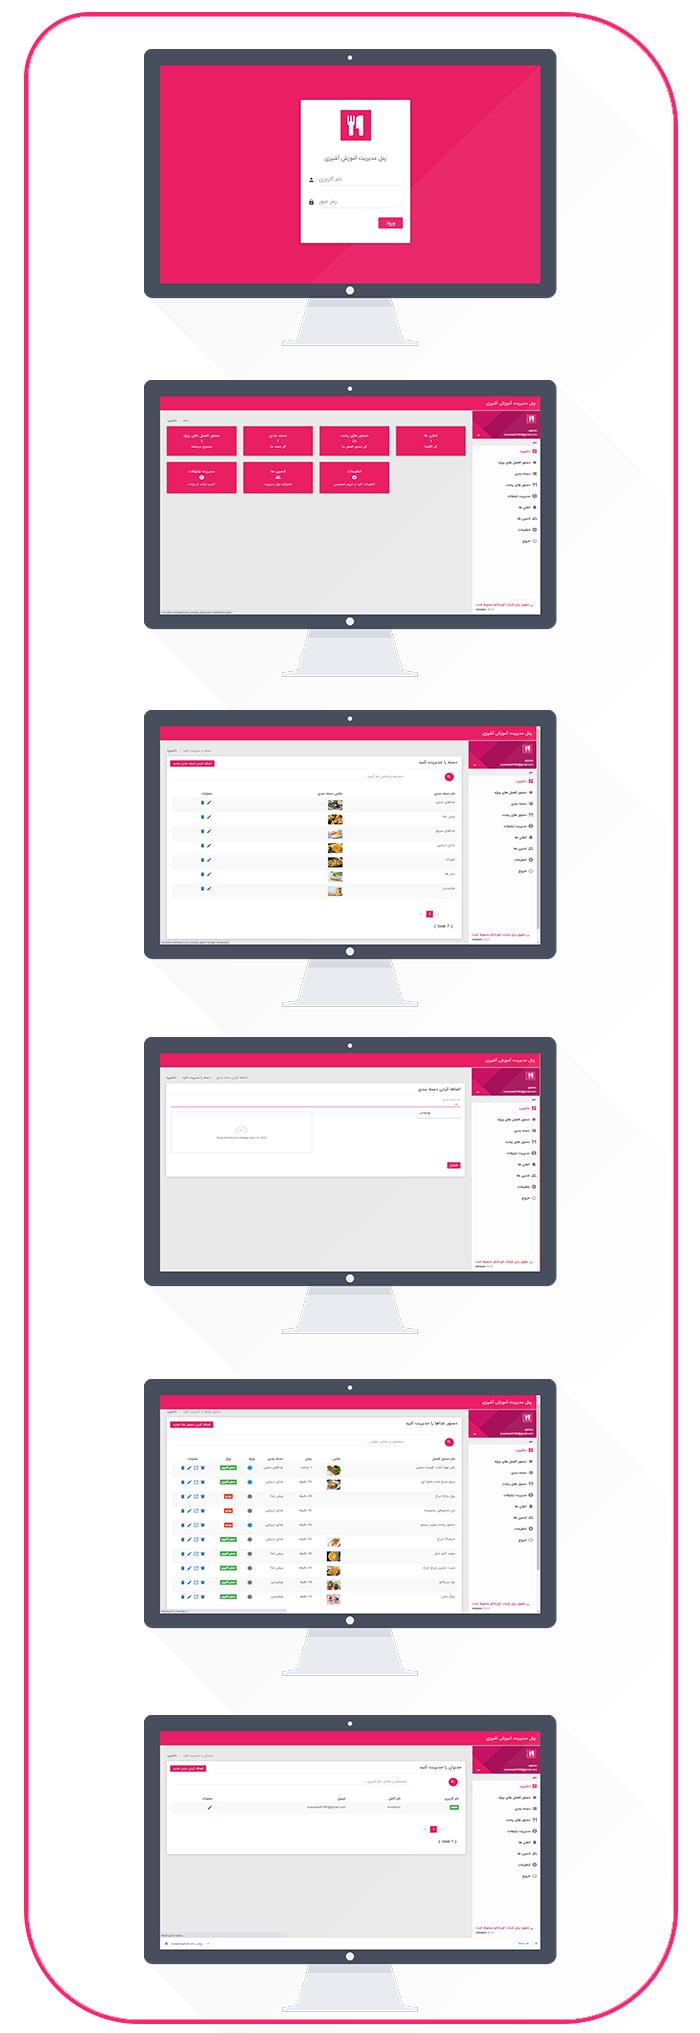 اپلیکیشن آموزش آشپزی آنلاین نمایش دسکتاپ